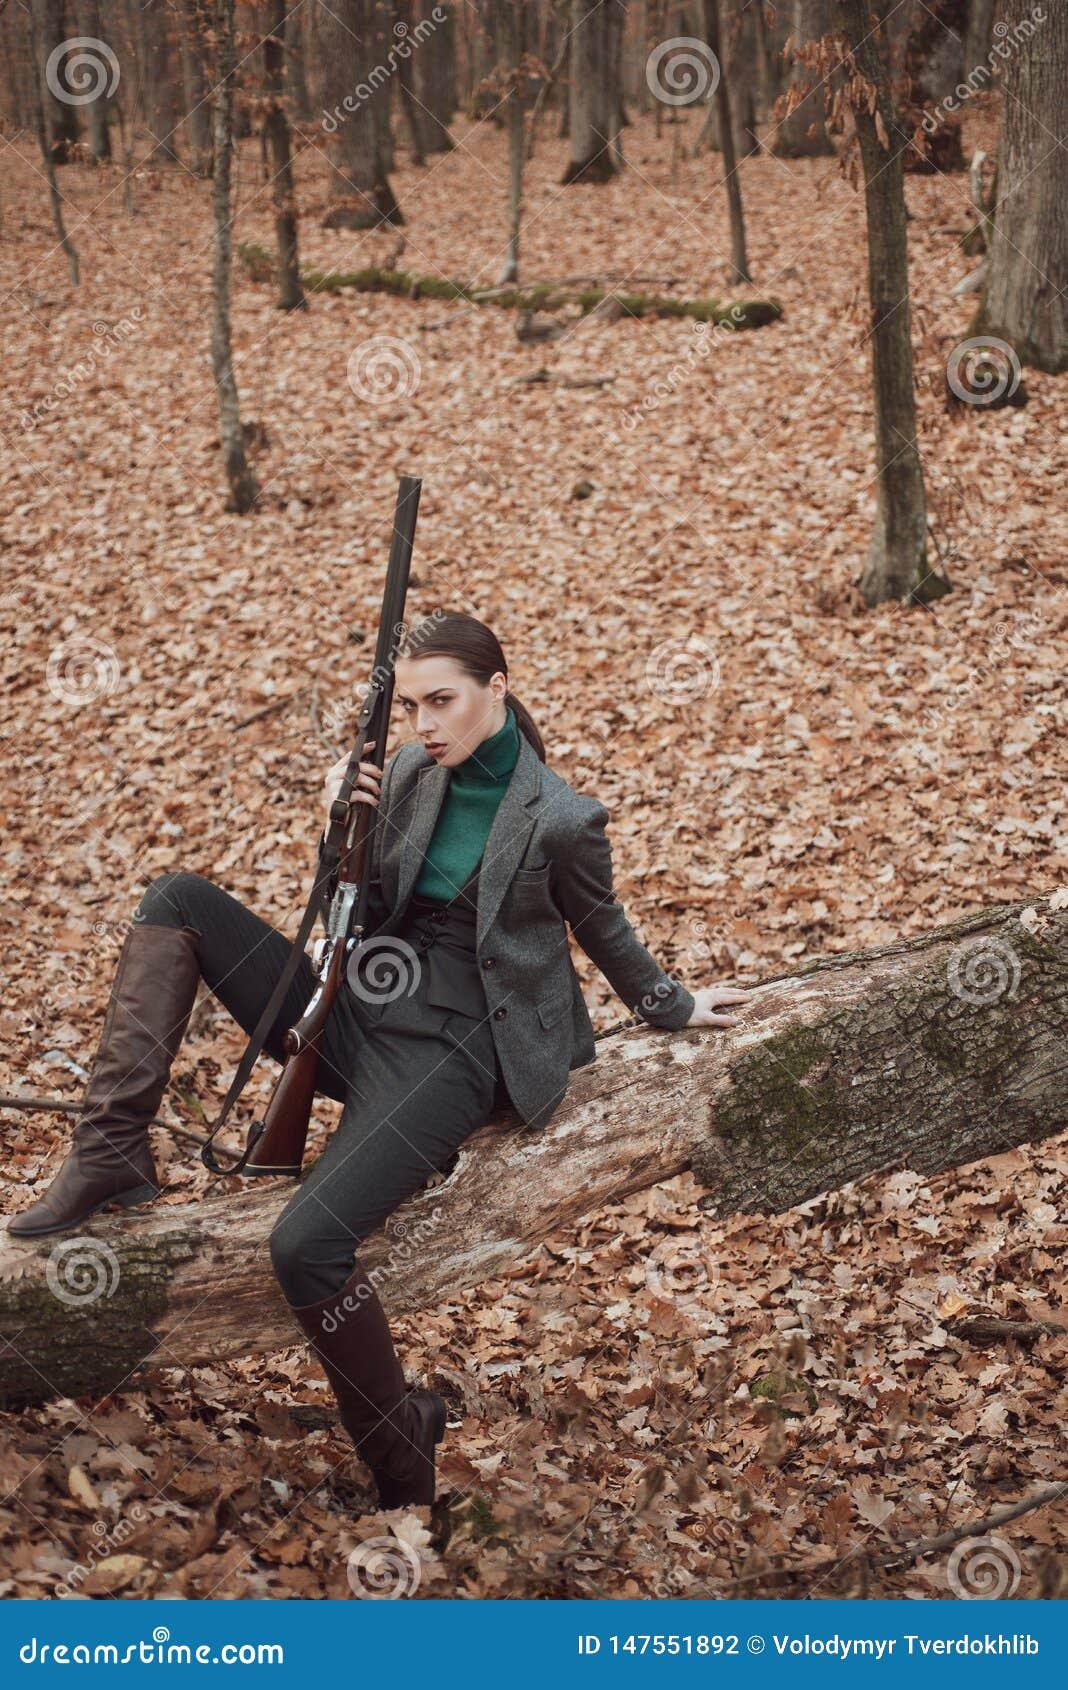 女室军装_带枪的女性 军装 实现目标 枪女 捕猎 枪械店 女猎手 库存照片 ...